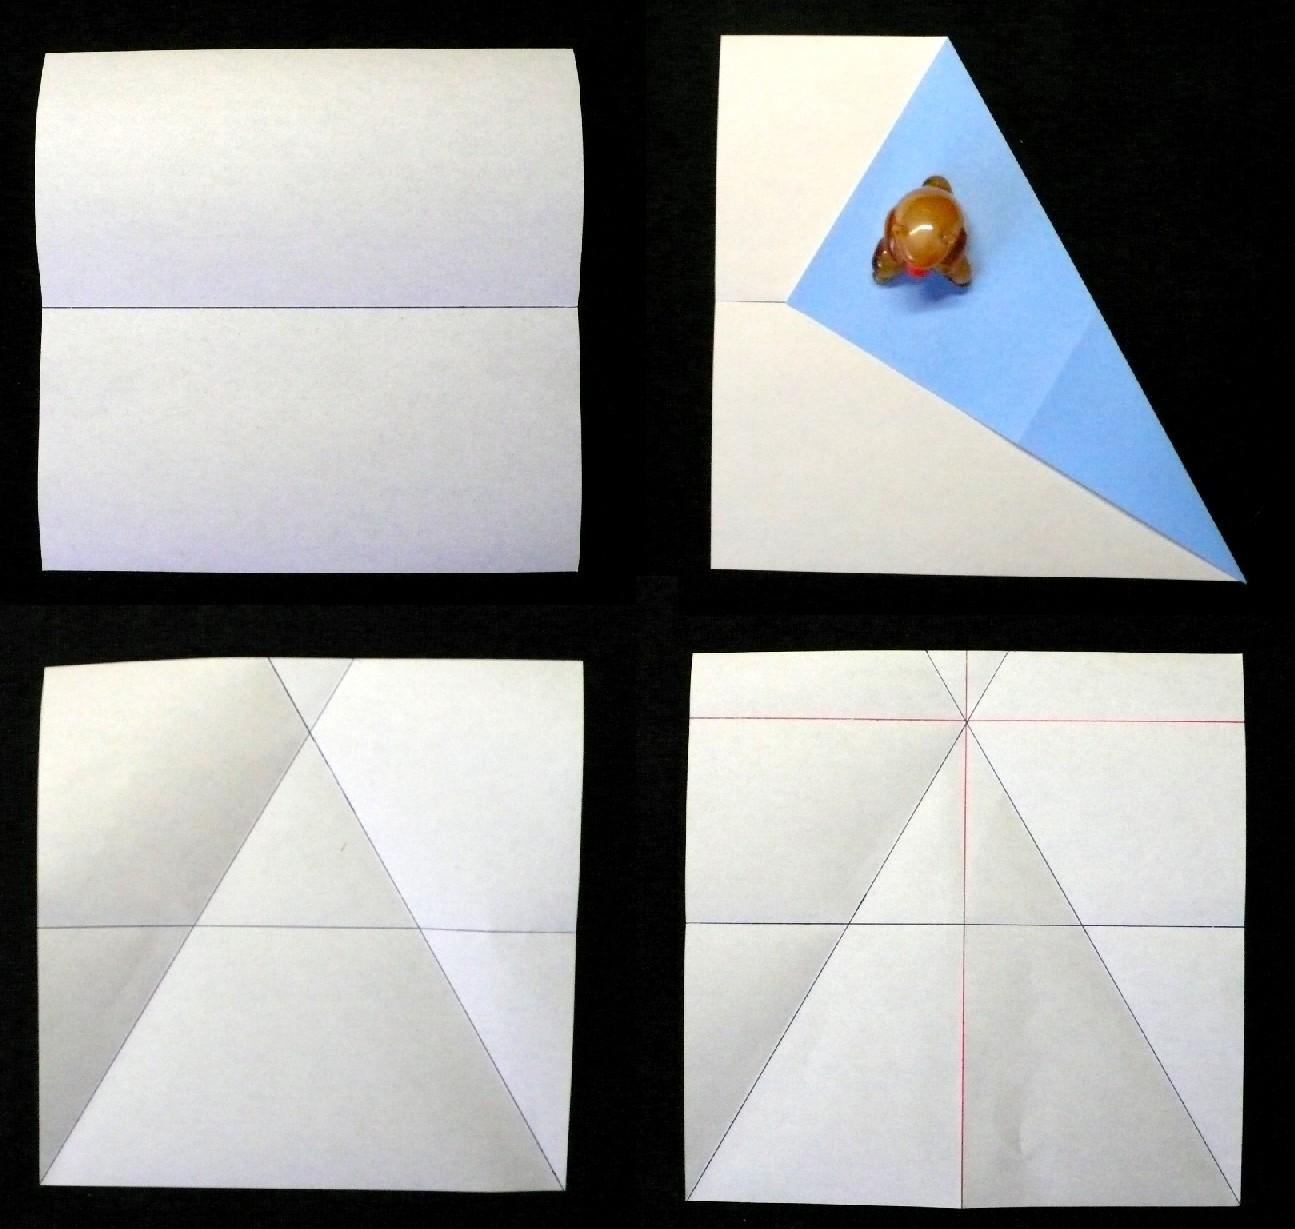 正四面体1.JPG